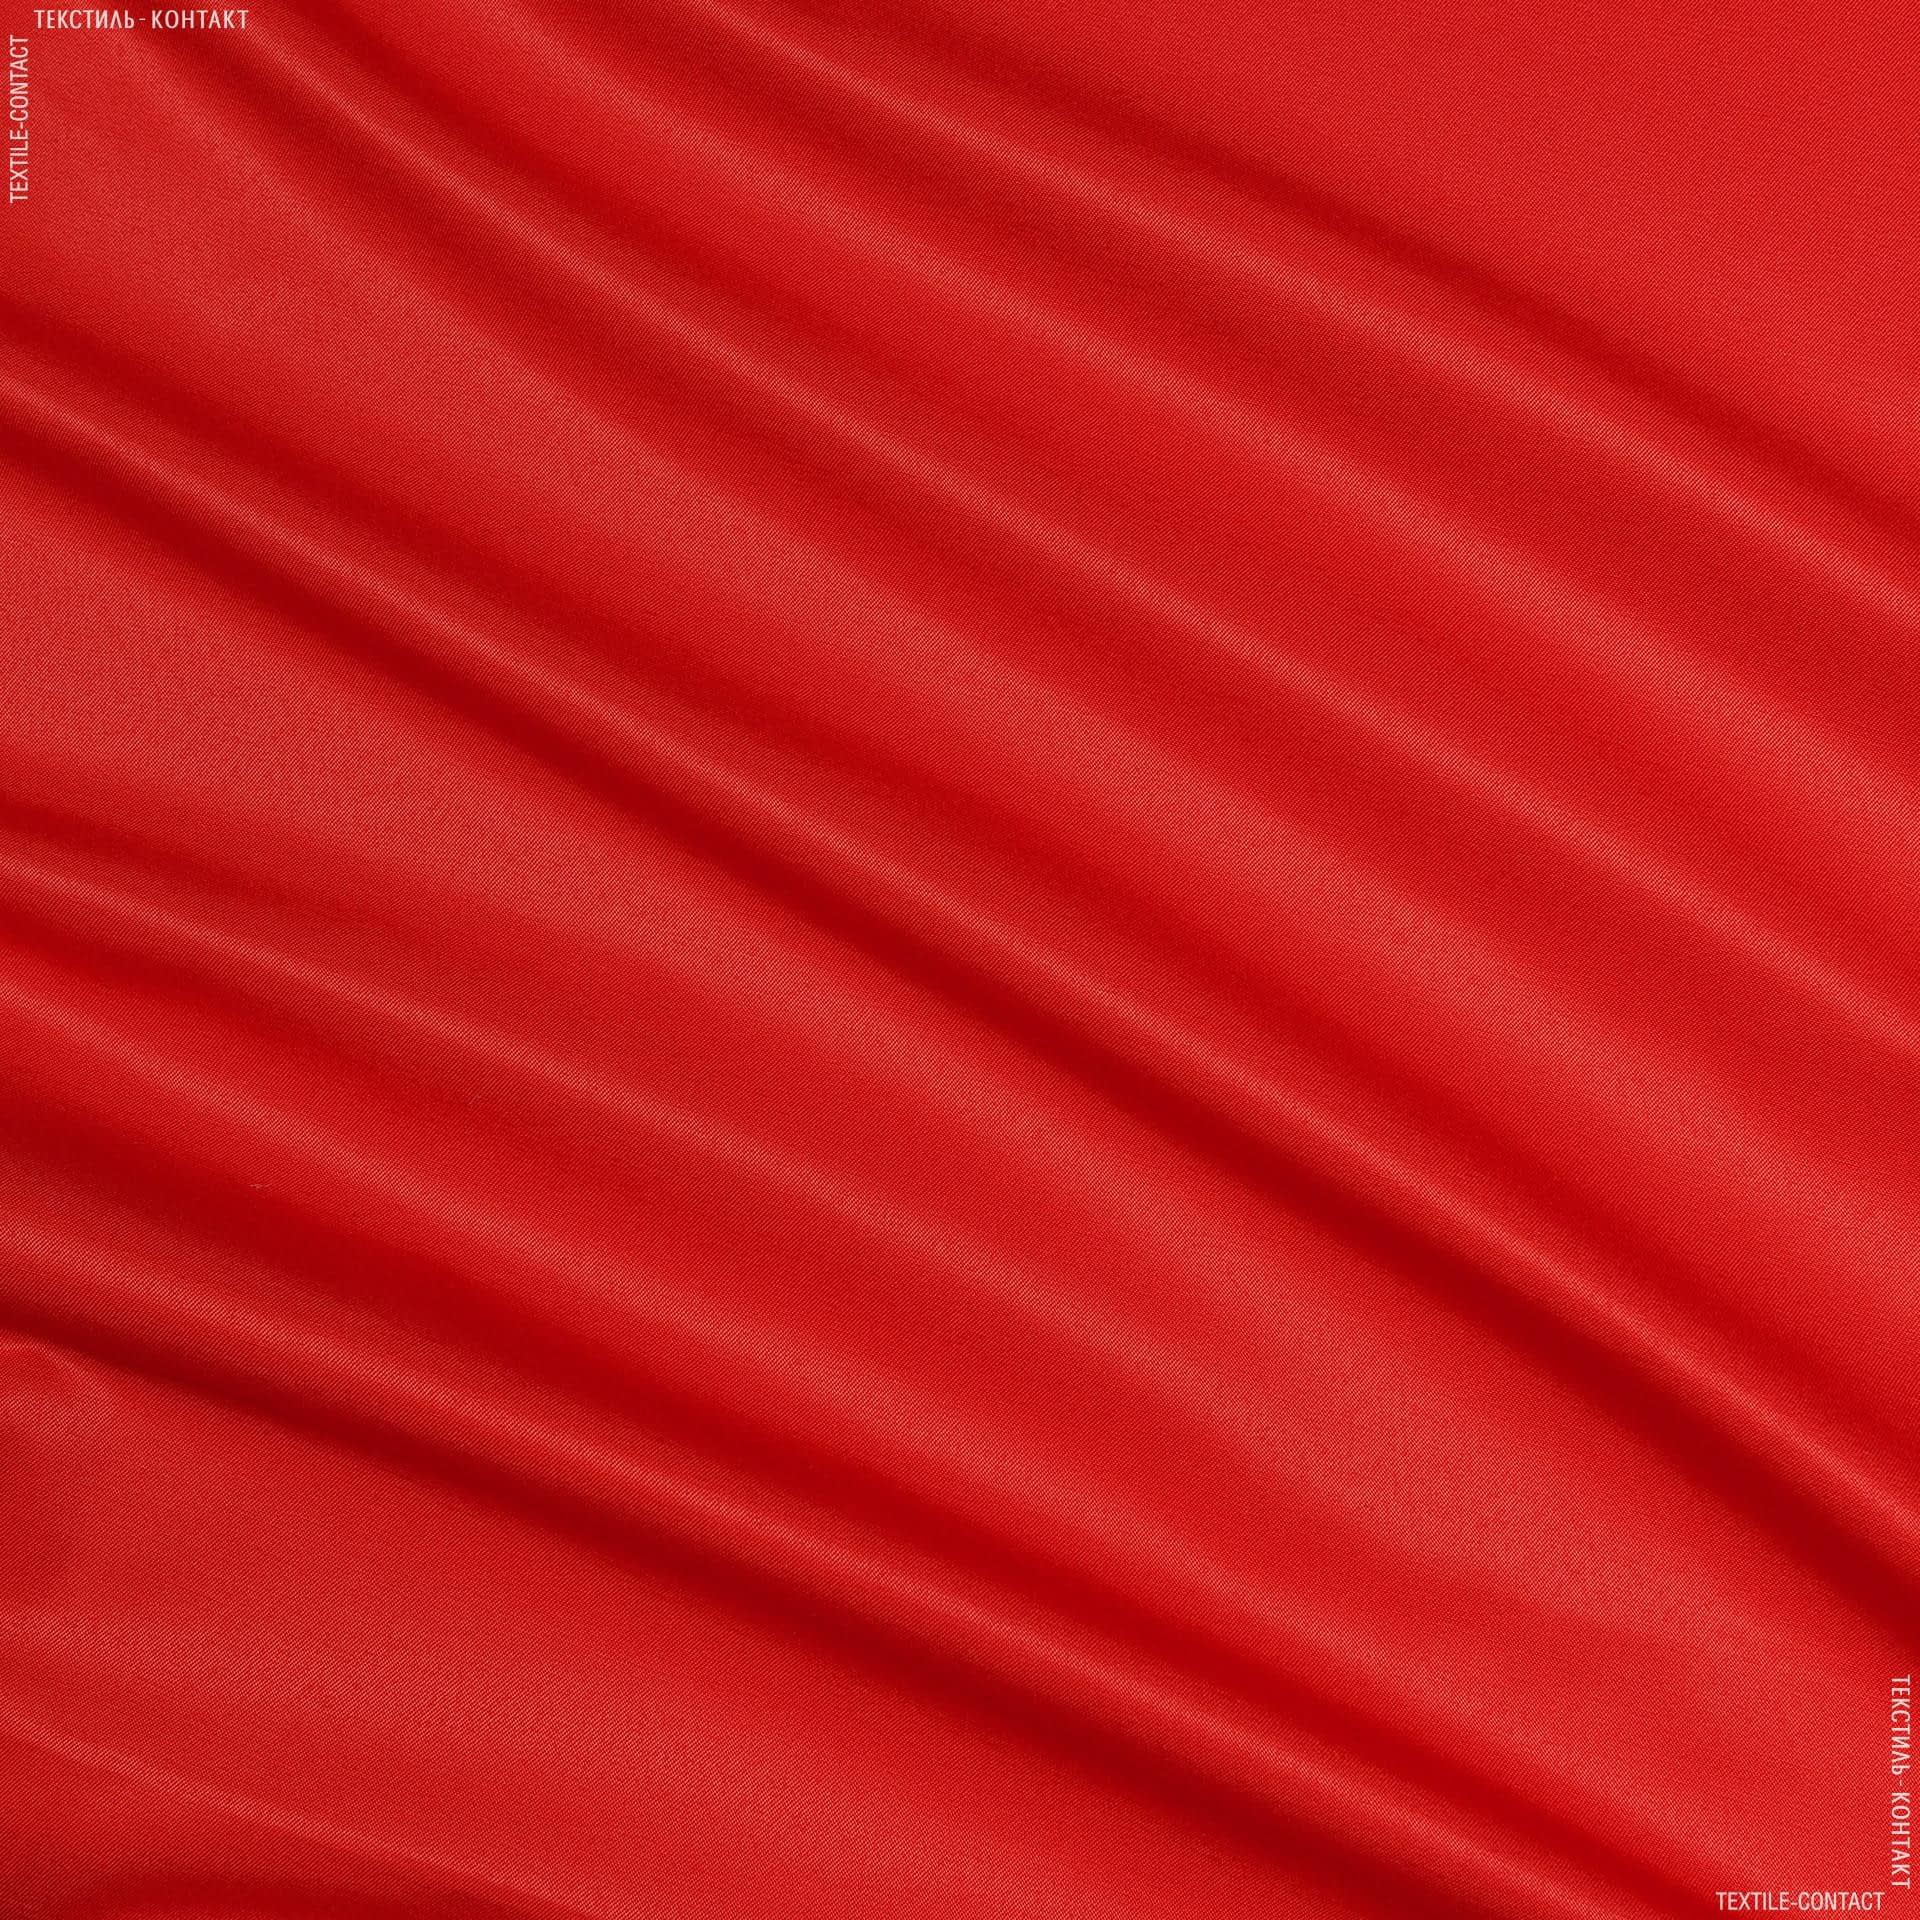 Тканини для спецодягу - Грета-2701 червоний